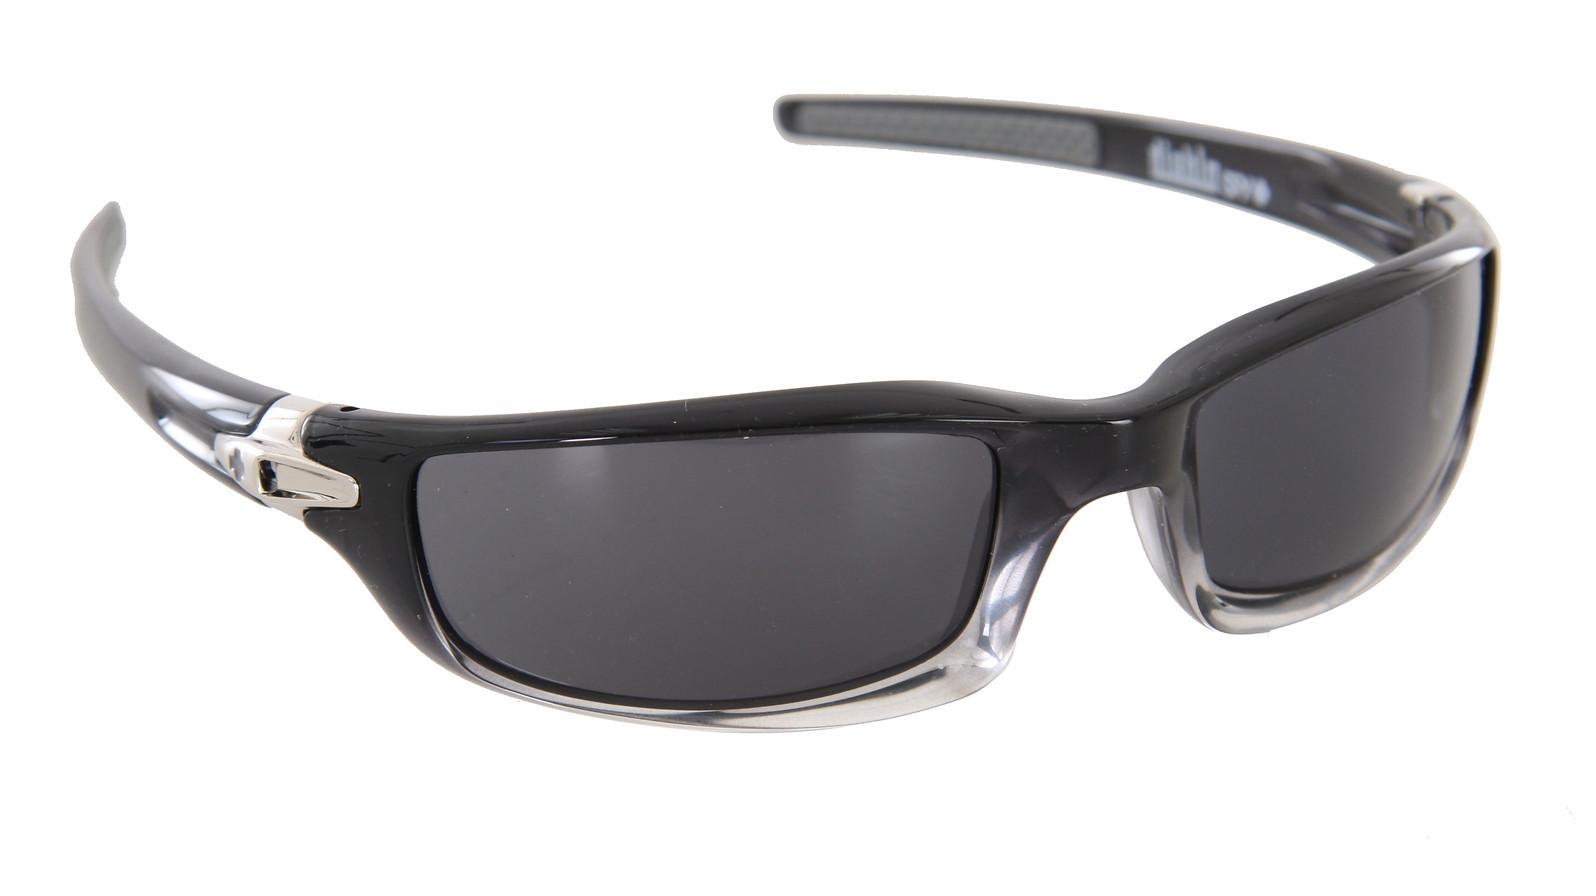 Spy Optic Spy Diablo Sunglasses Black Fade Grey Lens  spy-diablo-sngls-blkfadegry-10.jpg